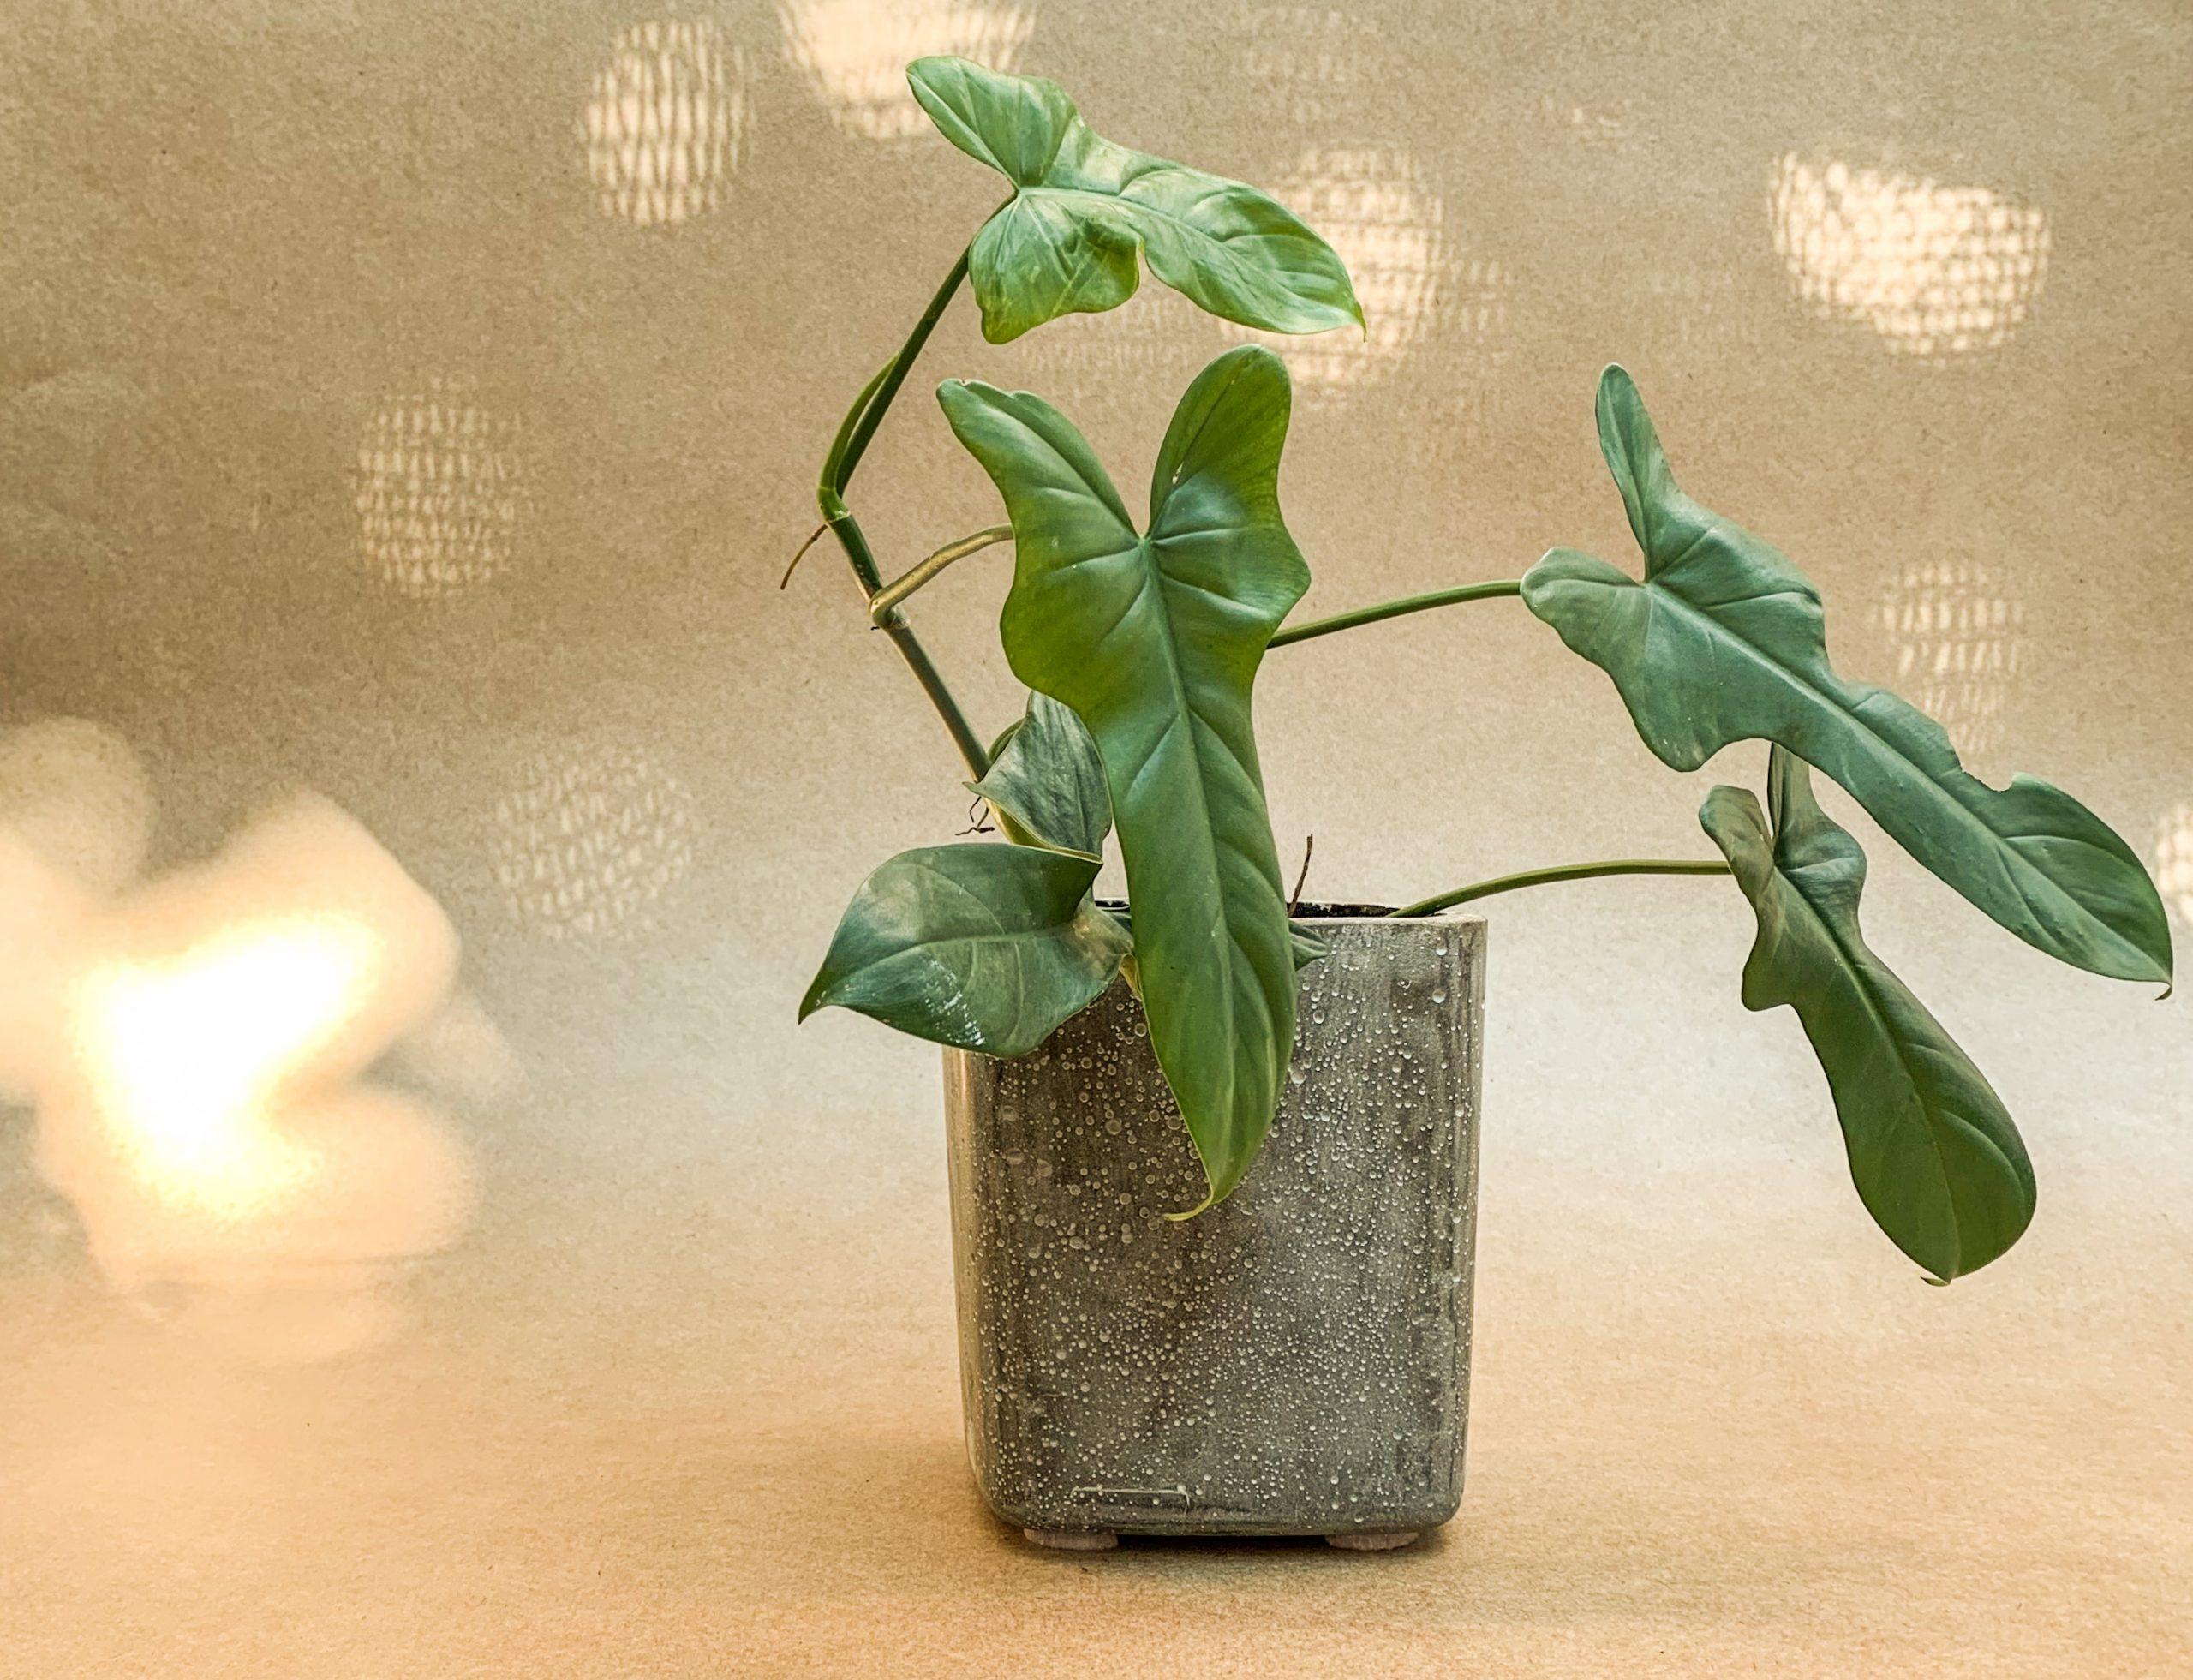 CMNTO es artesanal y busca brindar un objeto único. Foto: Gentileza CMNTO